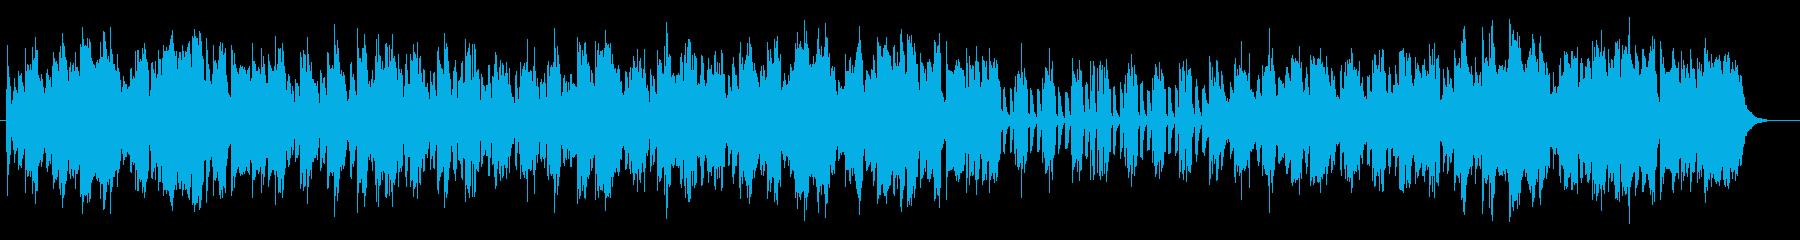 暖かみのあるピアノポップスの再生済みの波形